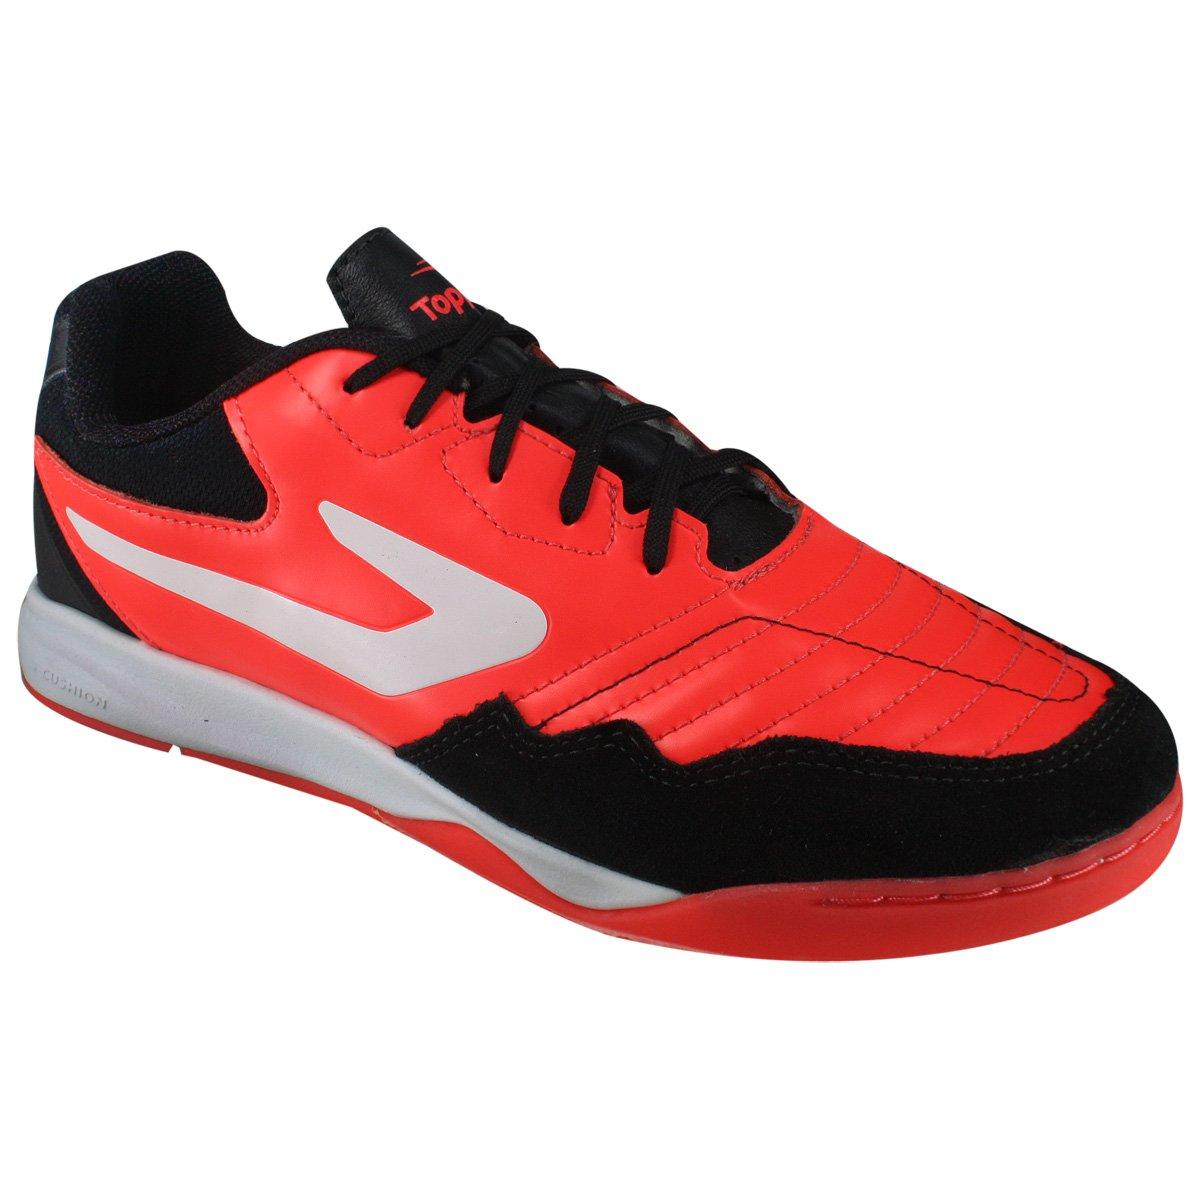 e7d35fddbb2 Indoor Topper Dominator Pró 4200396-0014 - Coral Neo - Calçados ...